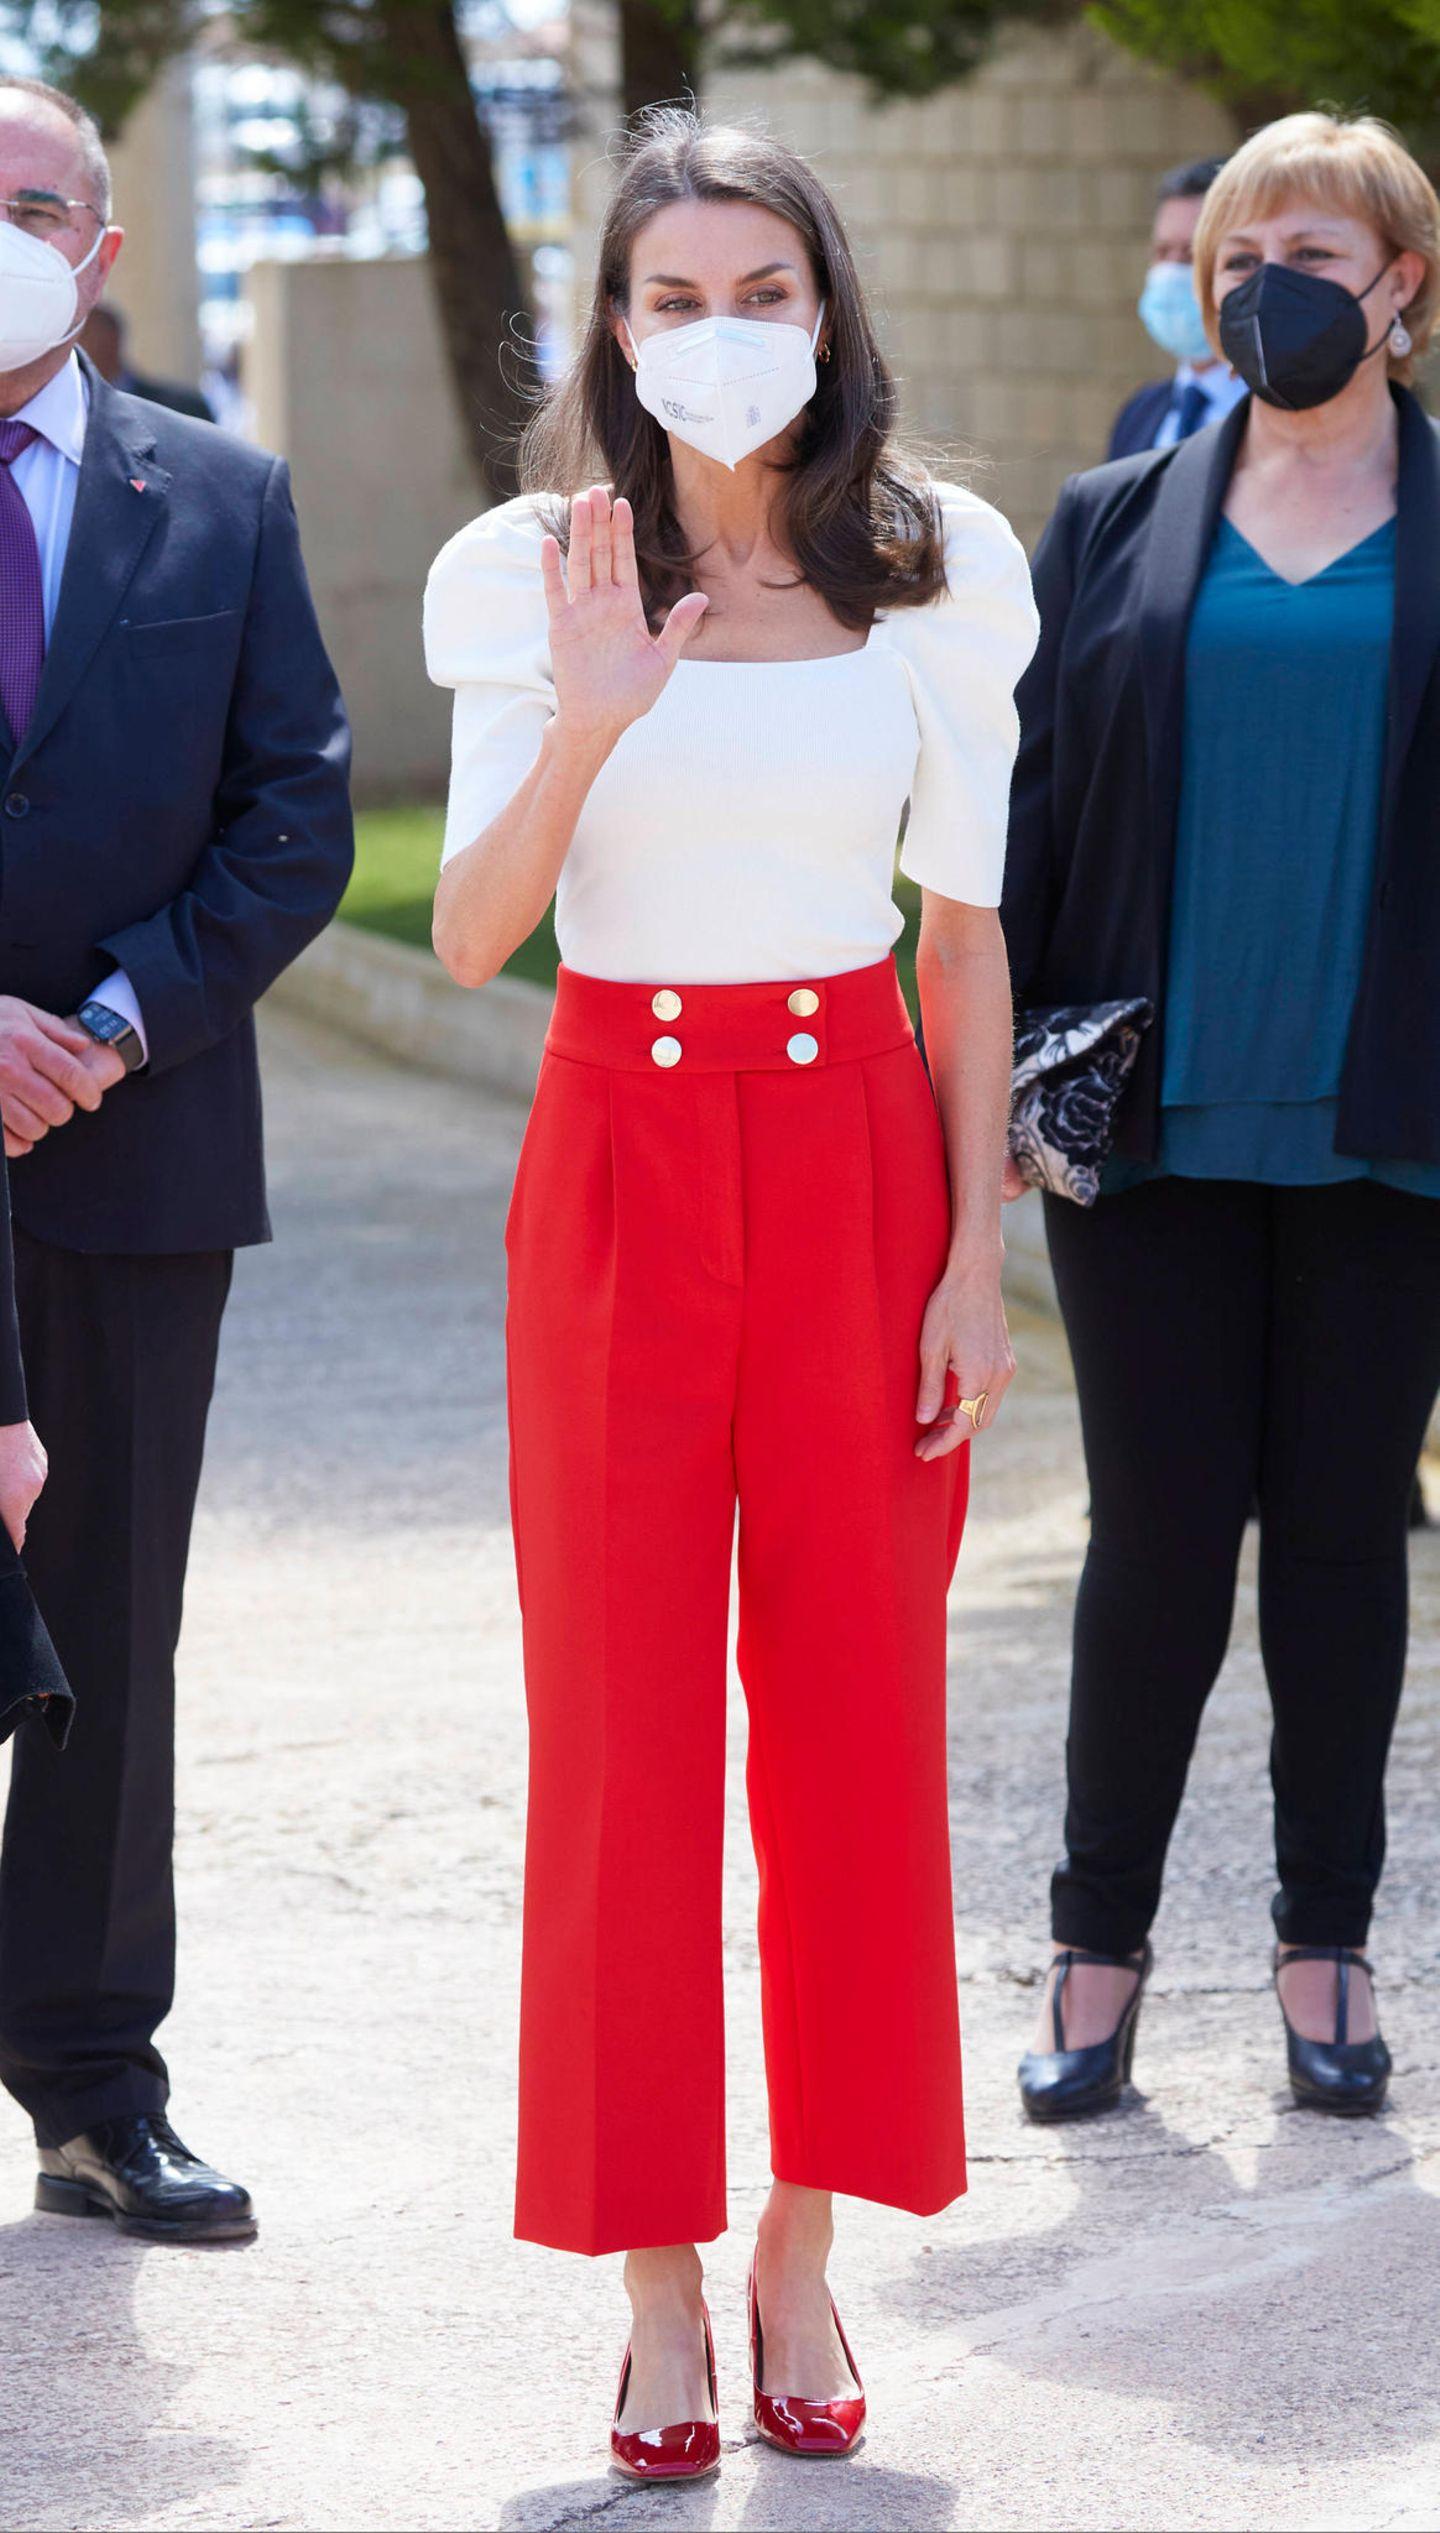 Königin Letizia winkt während des 6. Bildungskongresses für seltene Krankheiten in Totana freundlich den Fotografen zu: doch die haben sie in ihrer auffälligen Outfit-Kombination wahrscheinlich sowieso auf Anhieb wahrgenommen. Die spanische Royal setzt auf eine rote Culotte mit auffälligen Knöpfen am Bund, eine Bluse mit Puff-Ärmeln und auffälligen Lack-Pumps – ebenfalls in Rot. Hierbei handelt es sich um ein Komplett-Outfit des Labels Uterqüe.